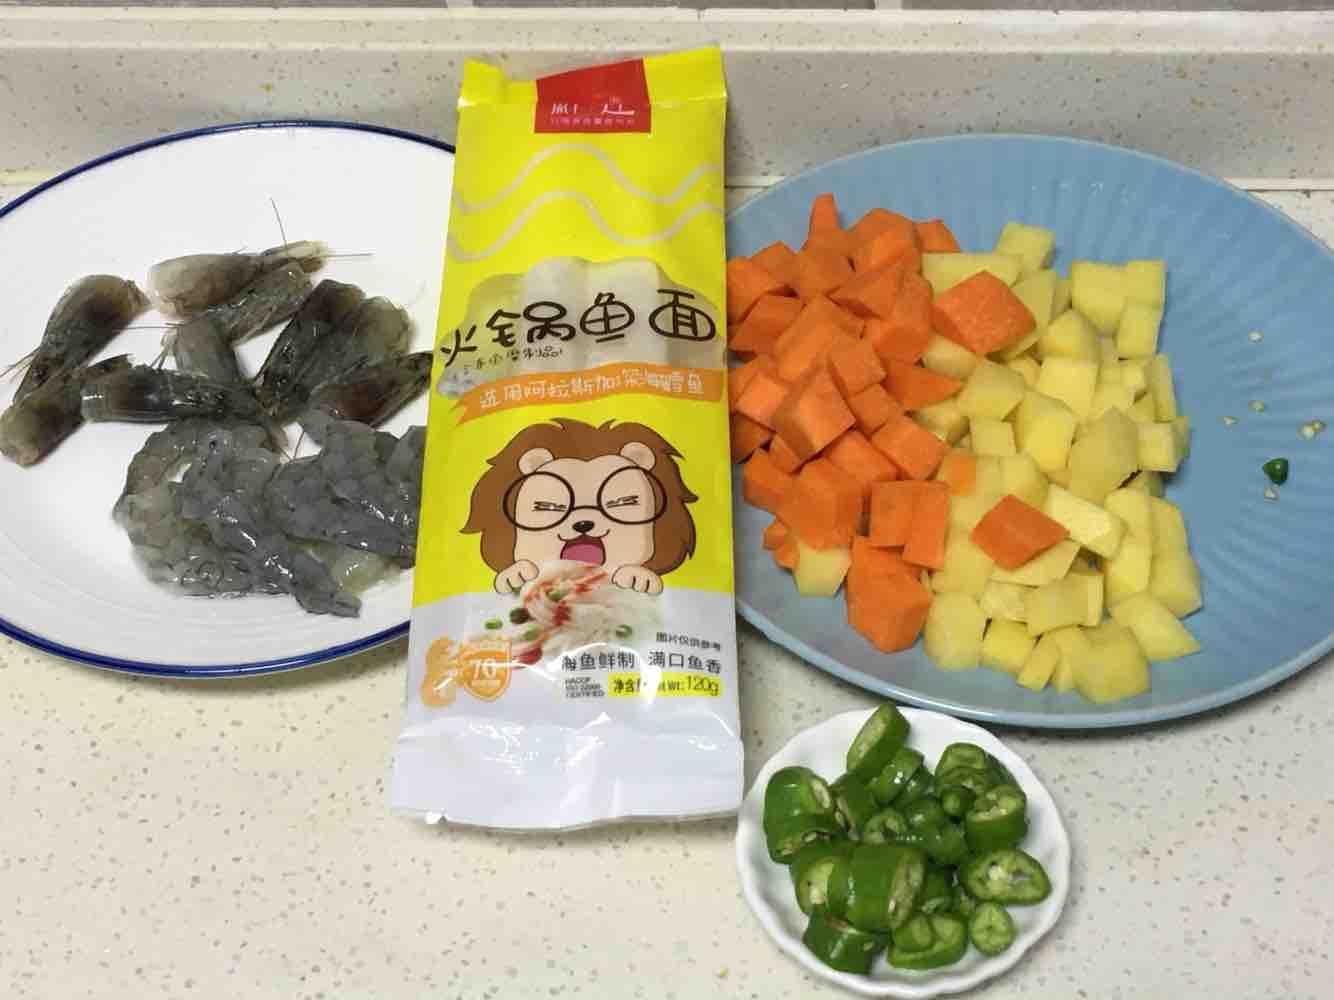 鲜虾咖喱鱼面的做法大全